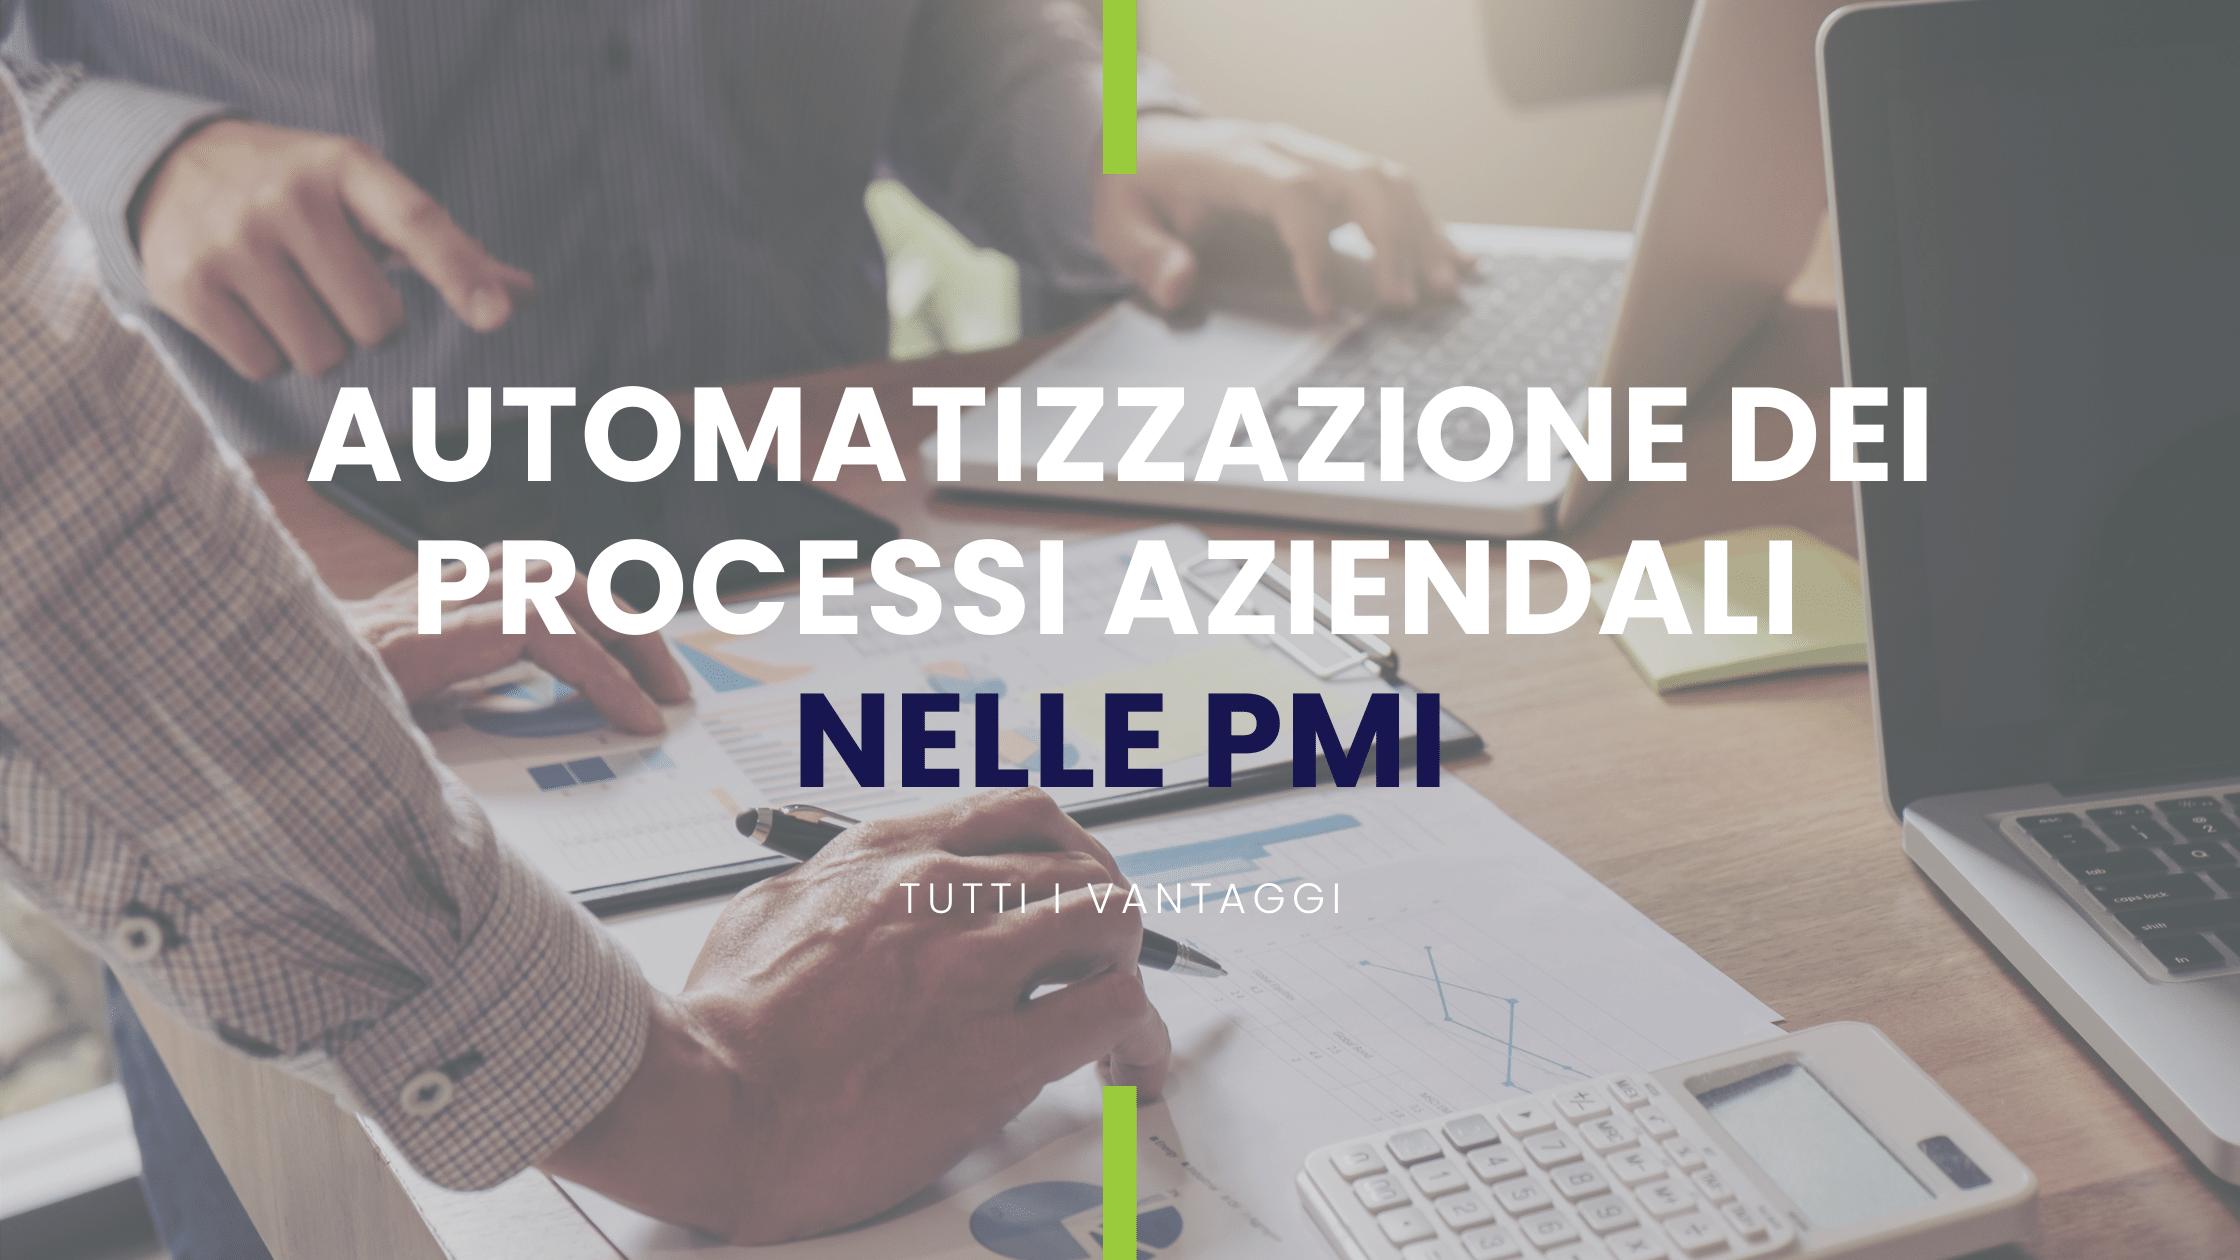 automatizzazione dei processi aziendali nelle pmi: i vantaggi